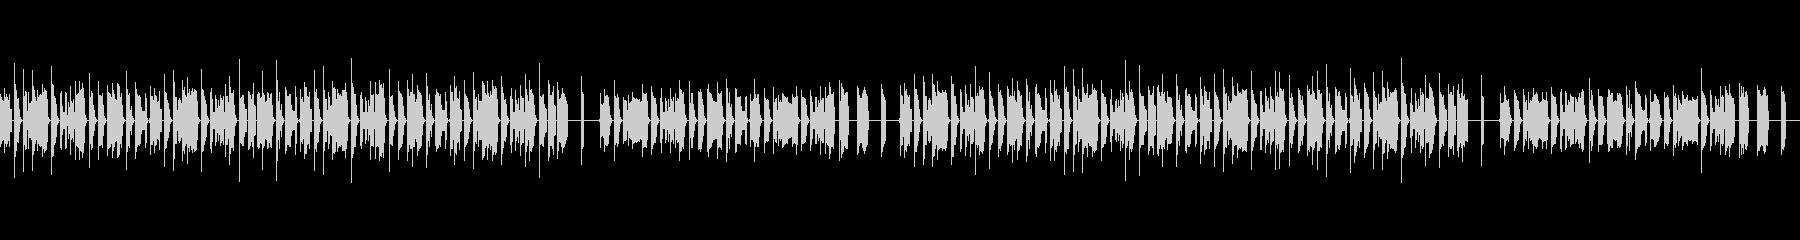 のどかな雰囲気のファミコン風BGM・1の未再生の波形